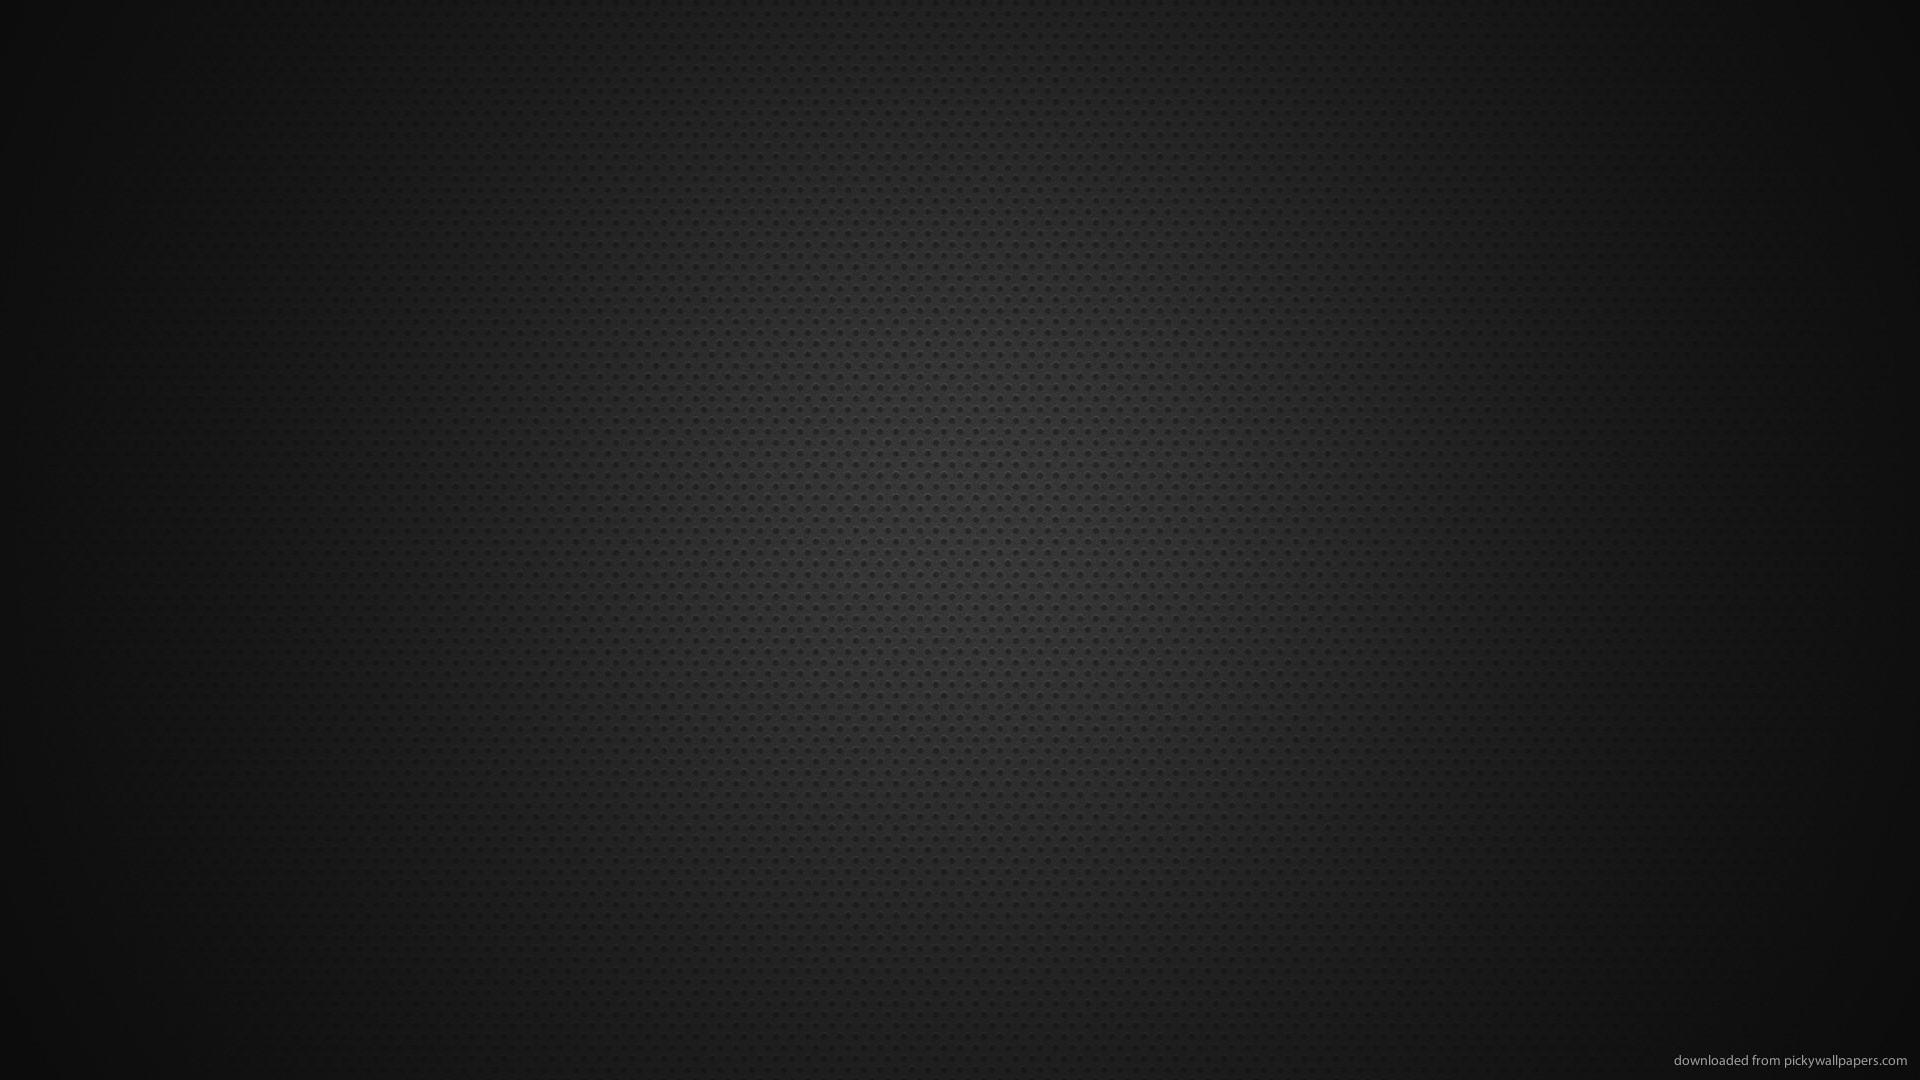 1920x1080 1366x768 Simple dark 1 wallpaper